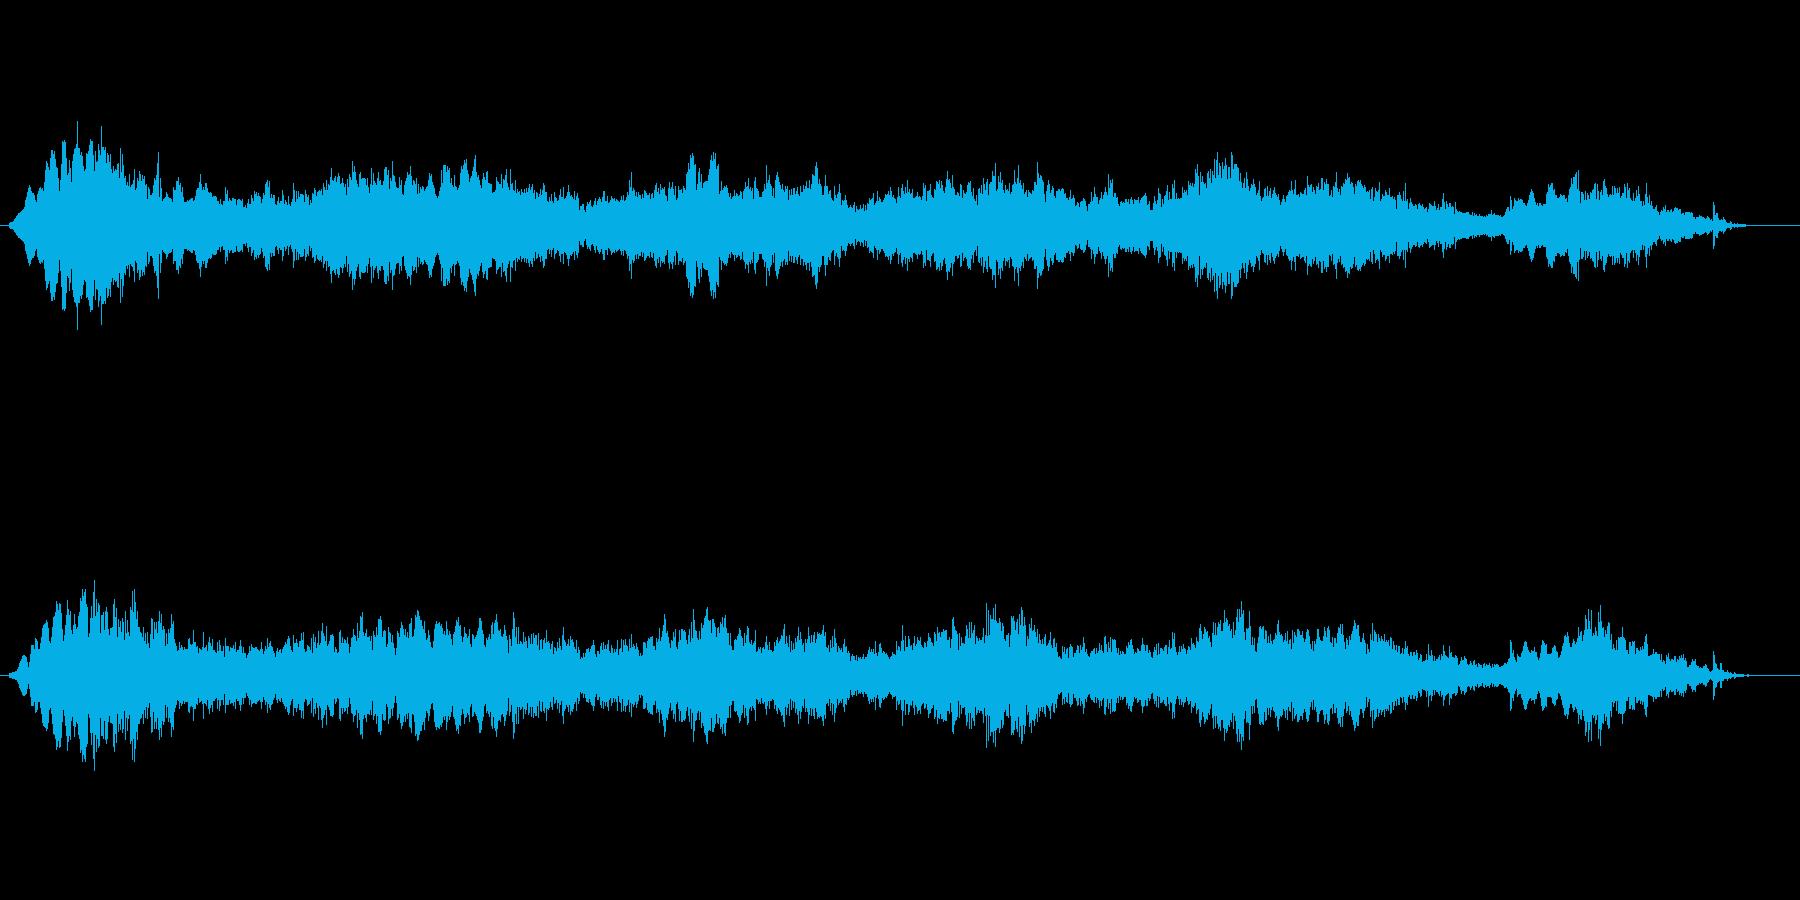 宇宙に機械音/信号が静かに流れる環境音楽の再生済みの波形